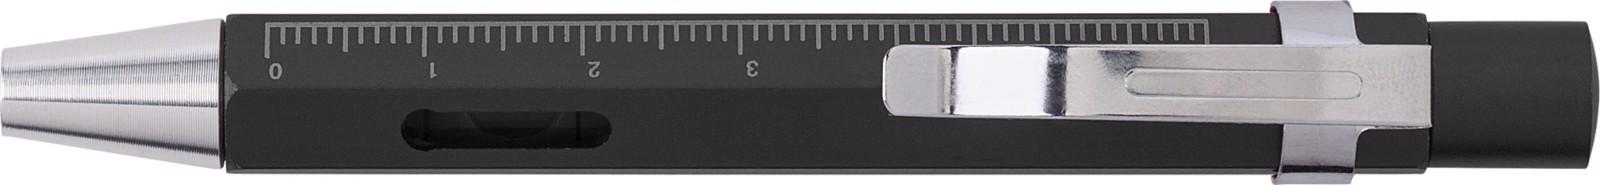 Aluminium 3-in-1 screwdriver - Black